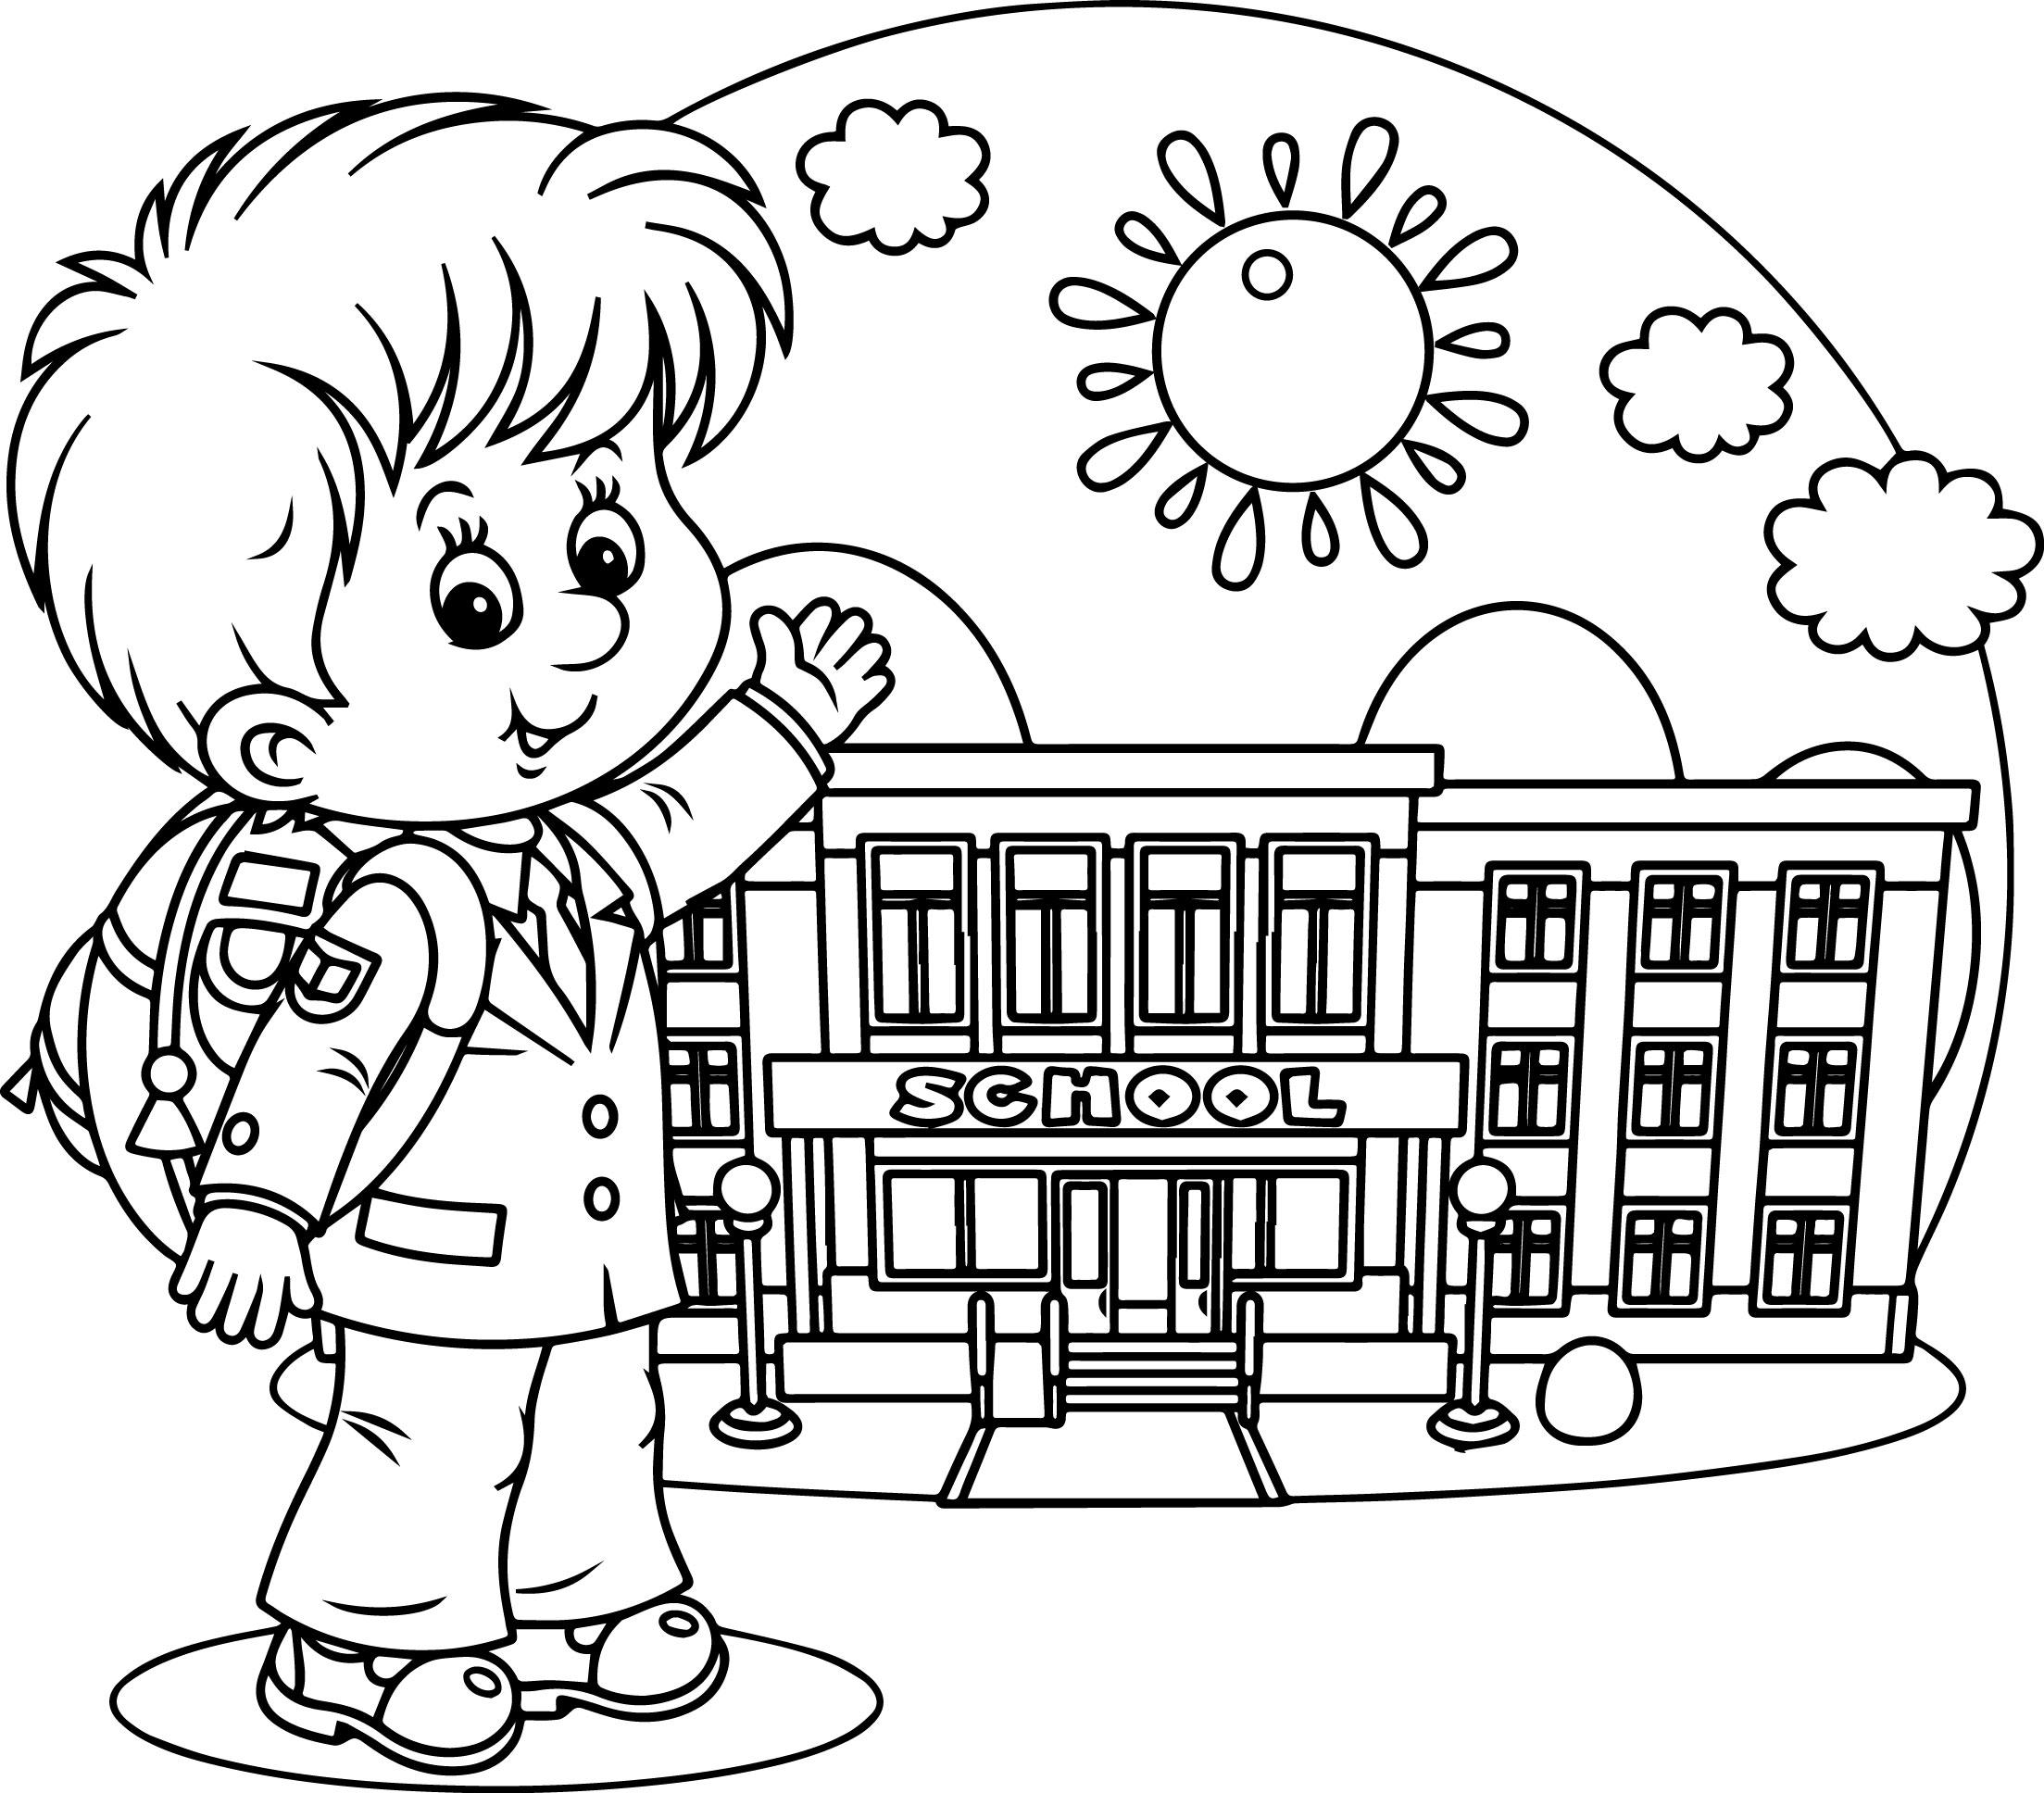 School Drawing At Getdrawings